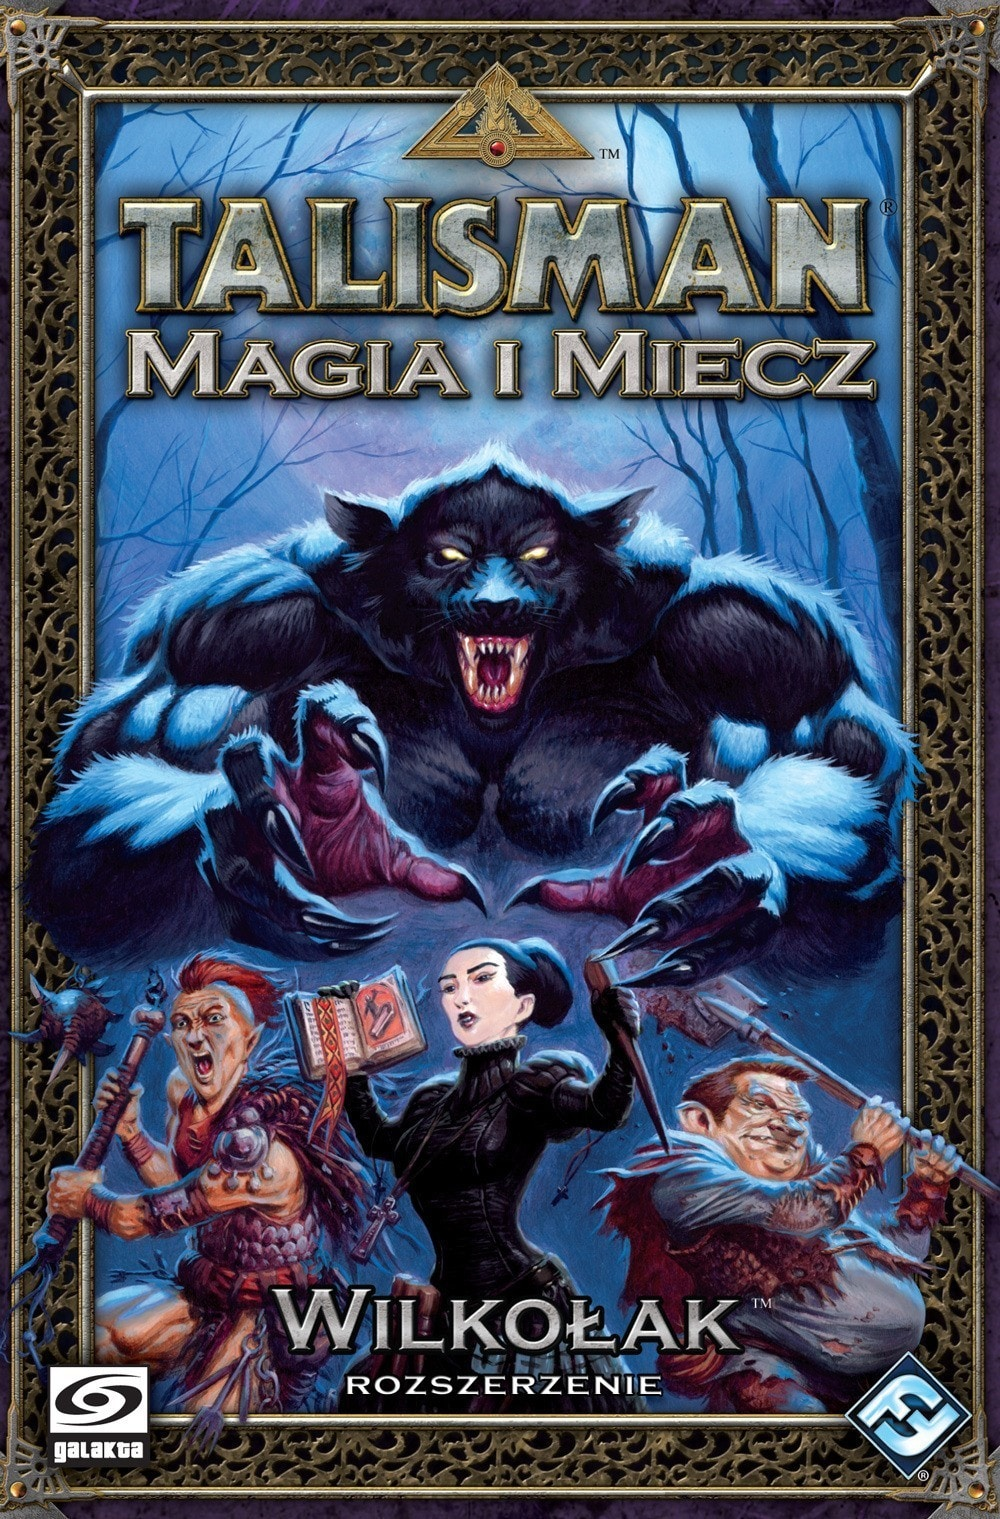 Talisman Magia i Miecz Wilkołak - 1